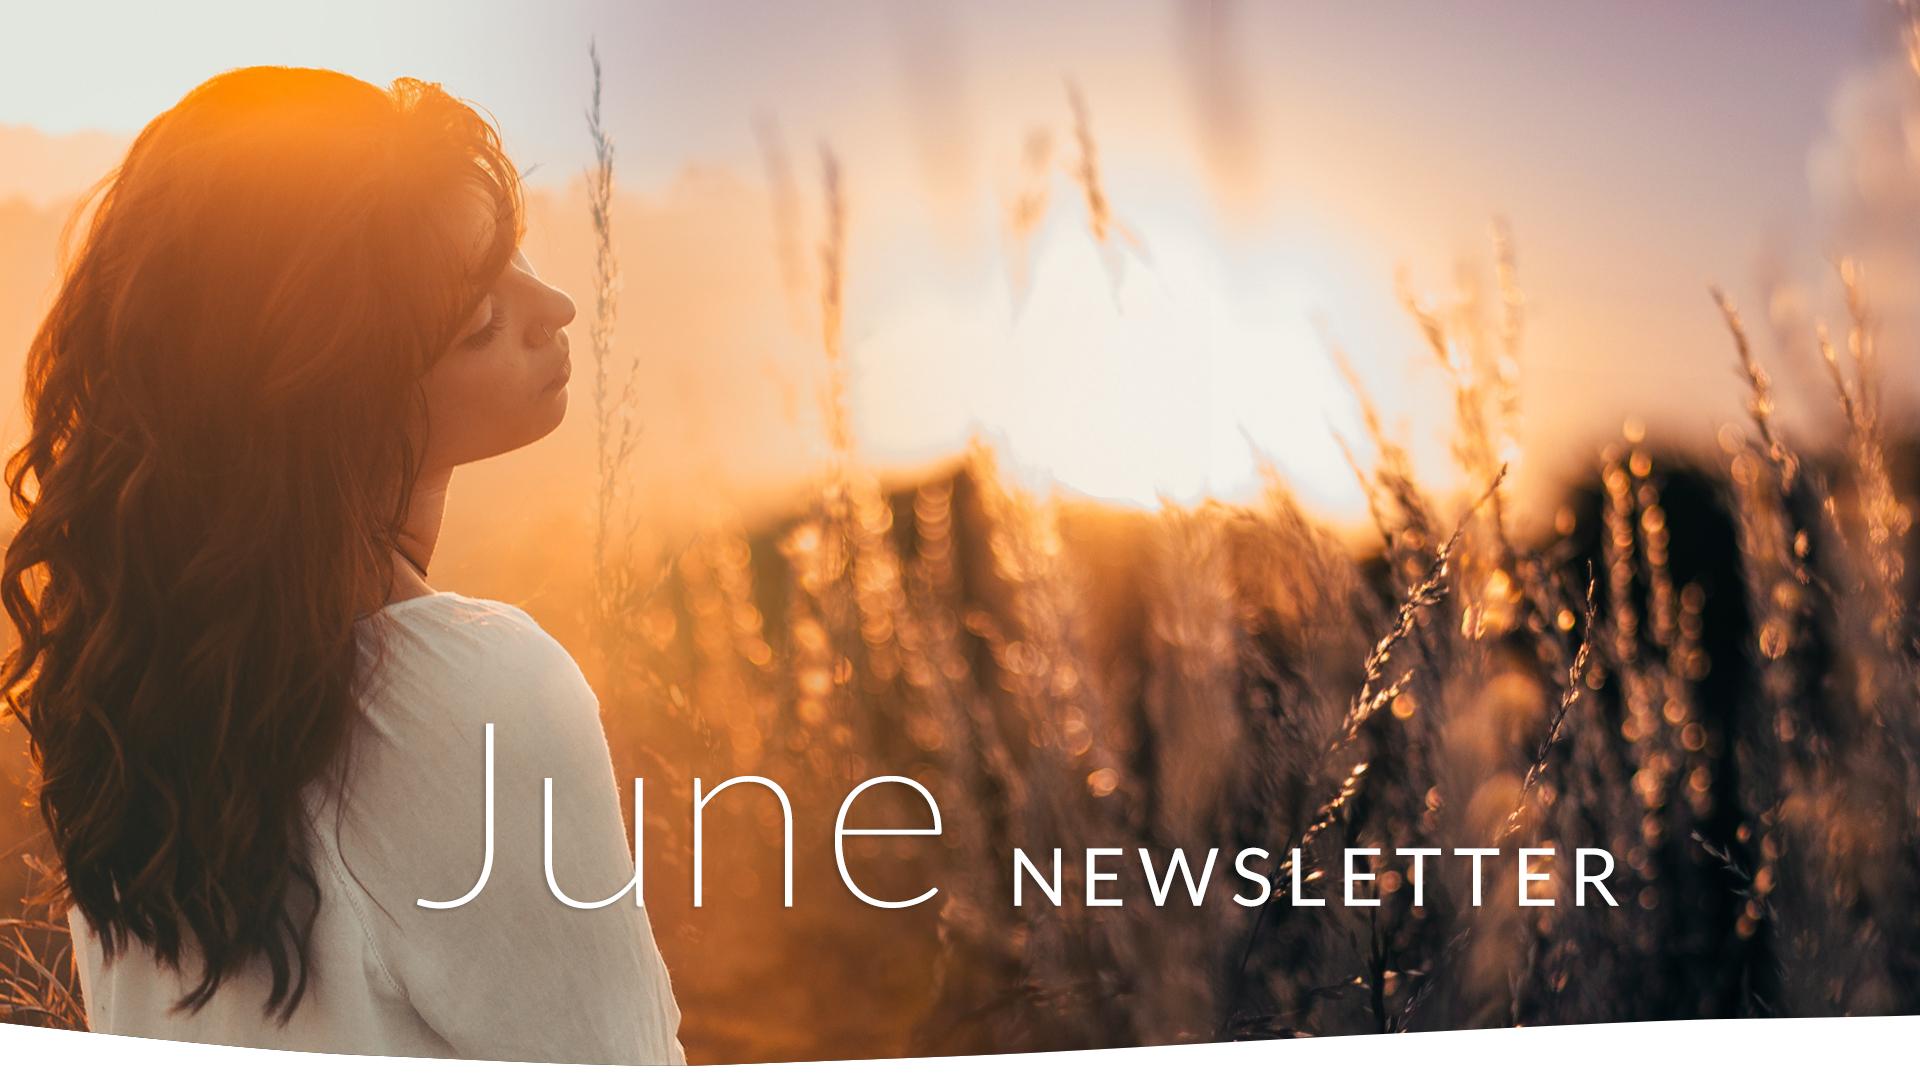 June2019Newsletter 1